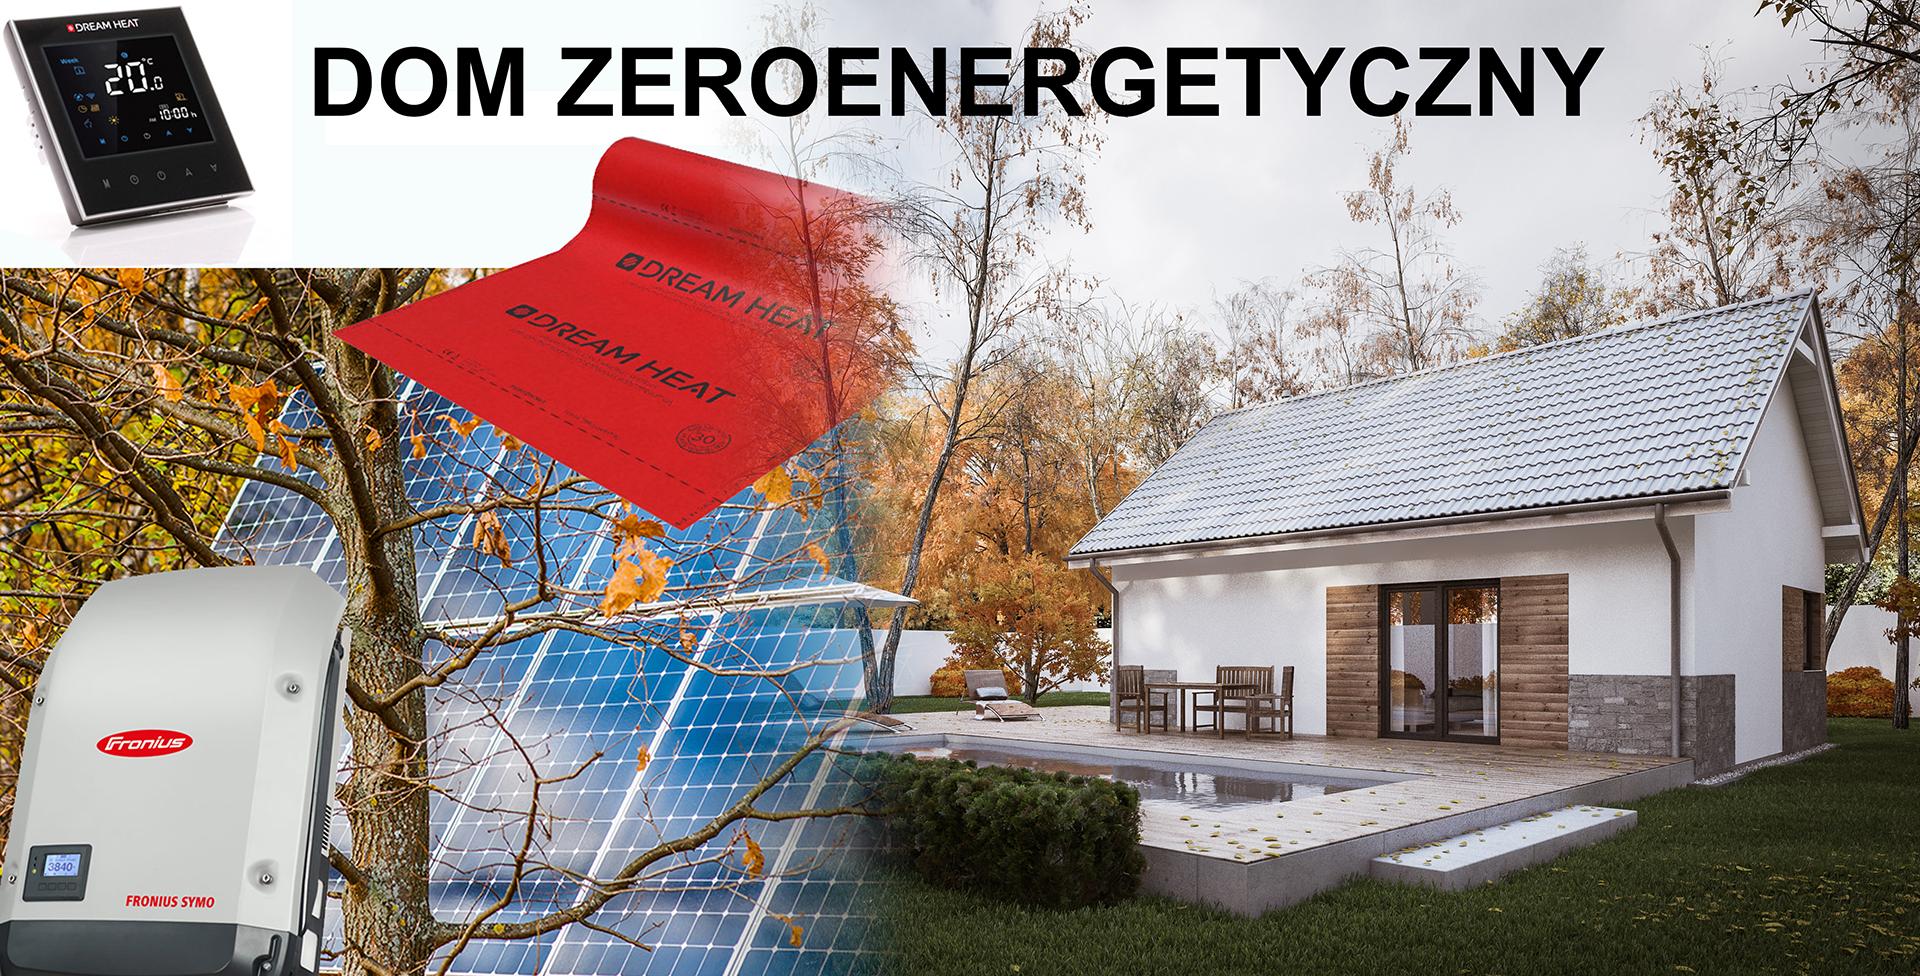 dom zeronergetycznygłówna